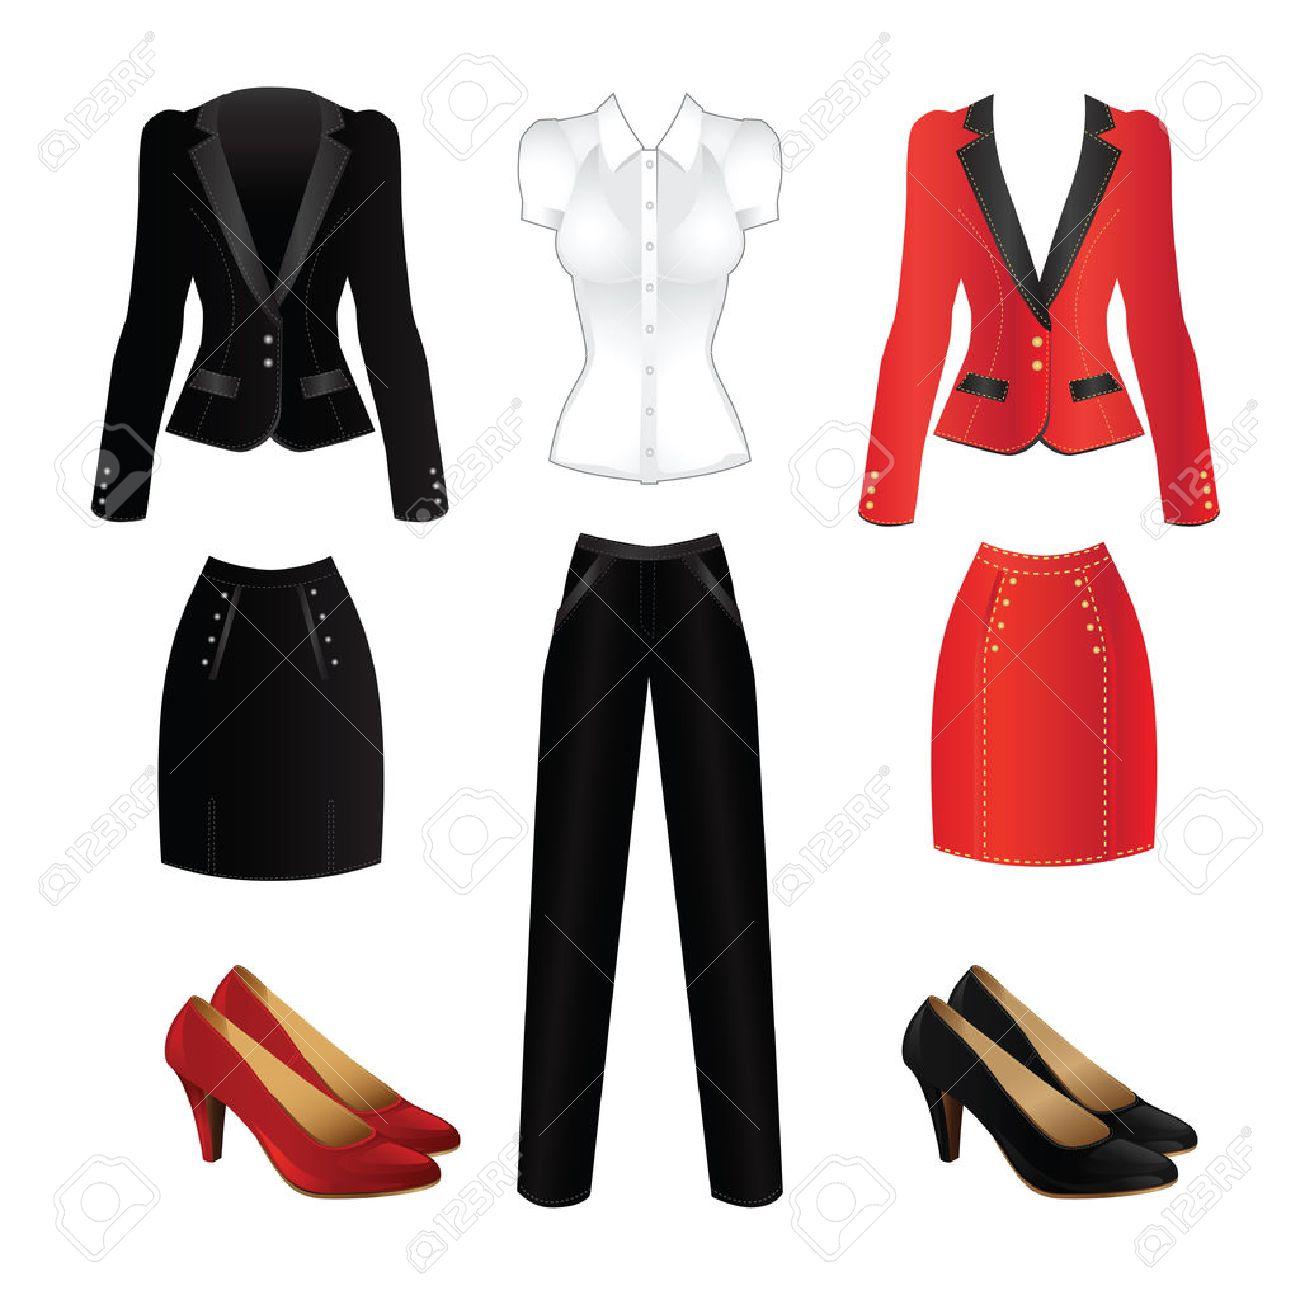 b56e70b82e500 Ropa para mujeres. traje formal roja y traje negro oficial. zapatos  clásicos para la mujer